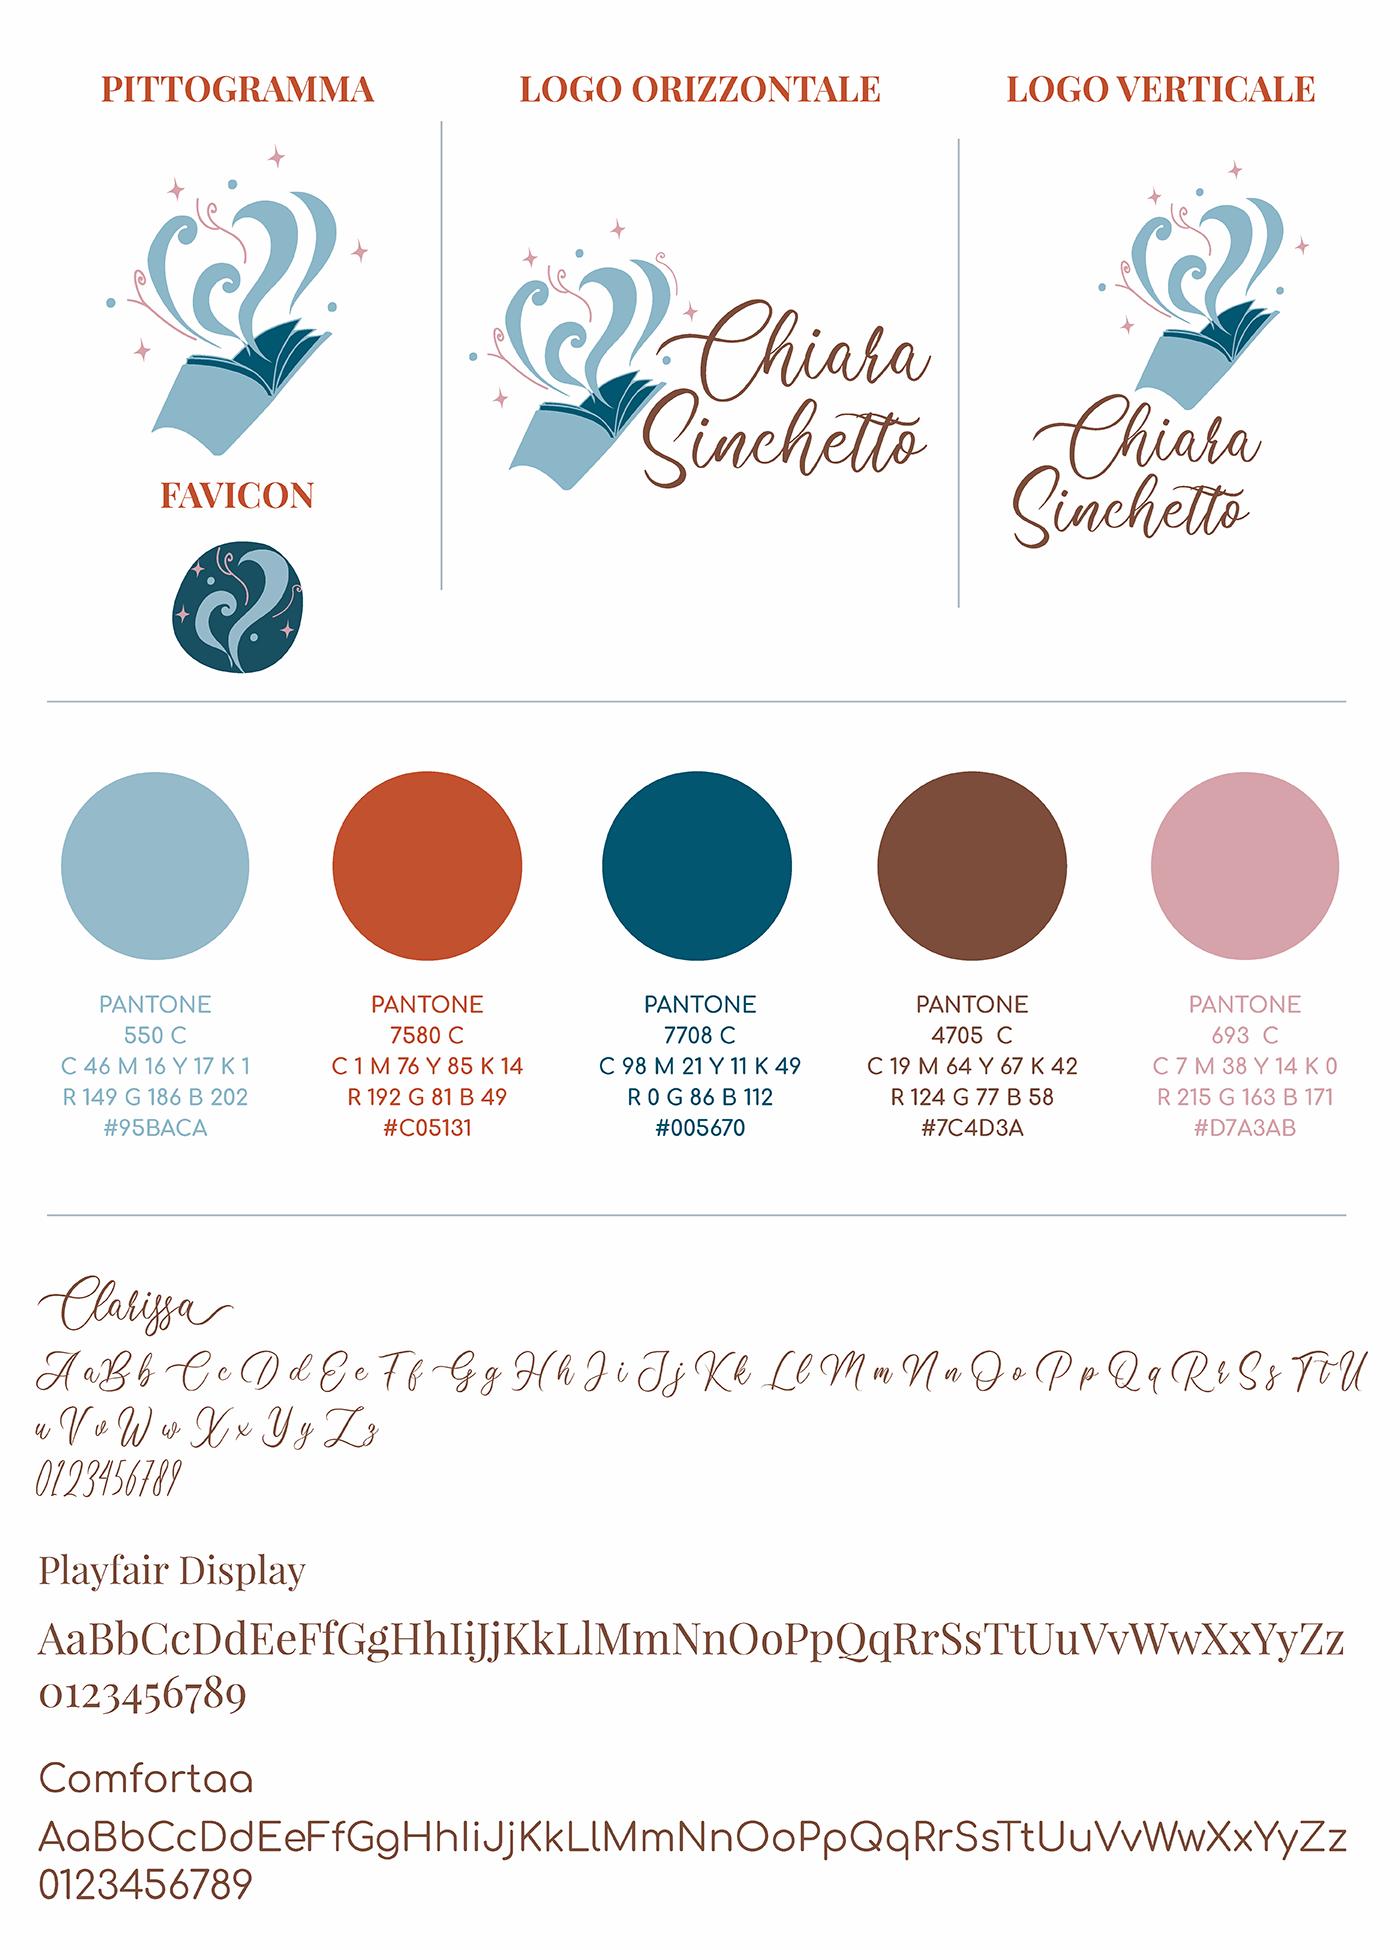 Portfolio-Laura-Calascibetta-graphic-designer-chiara-sinchetto-nuova-identità-visiva-logo